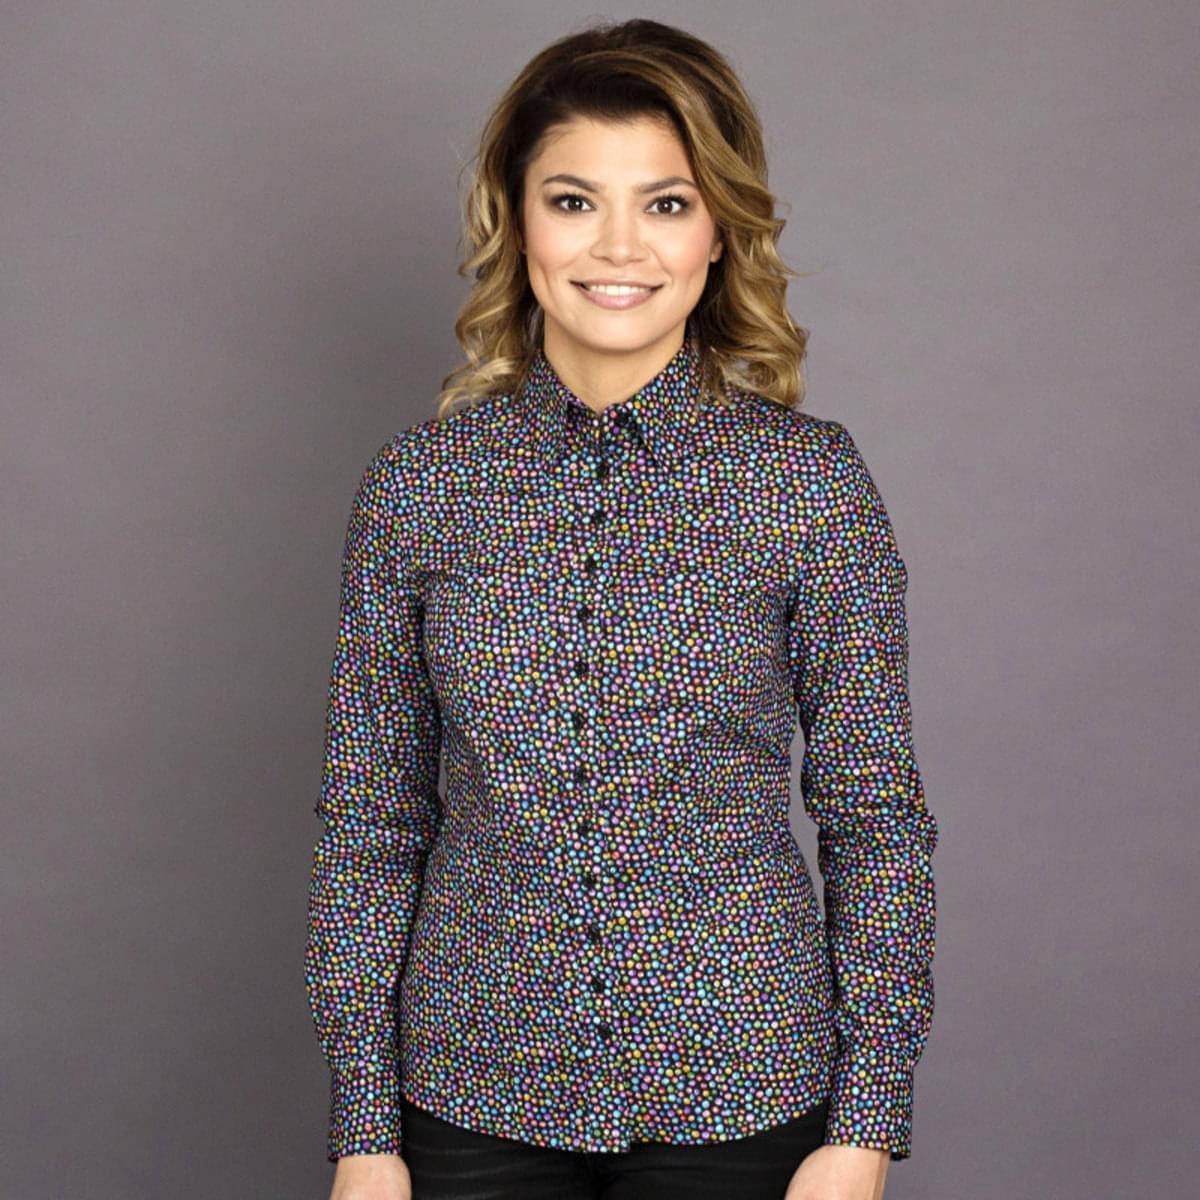 Dámská košile Willsoor 7765 v černé barvě s barevnými puntíčky 34